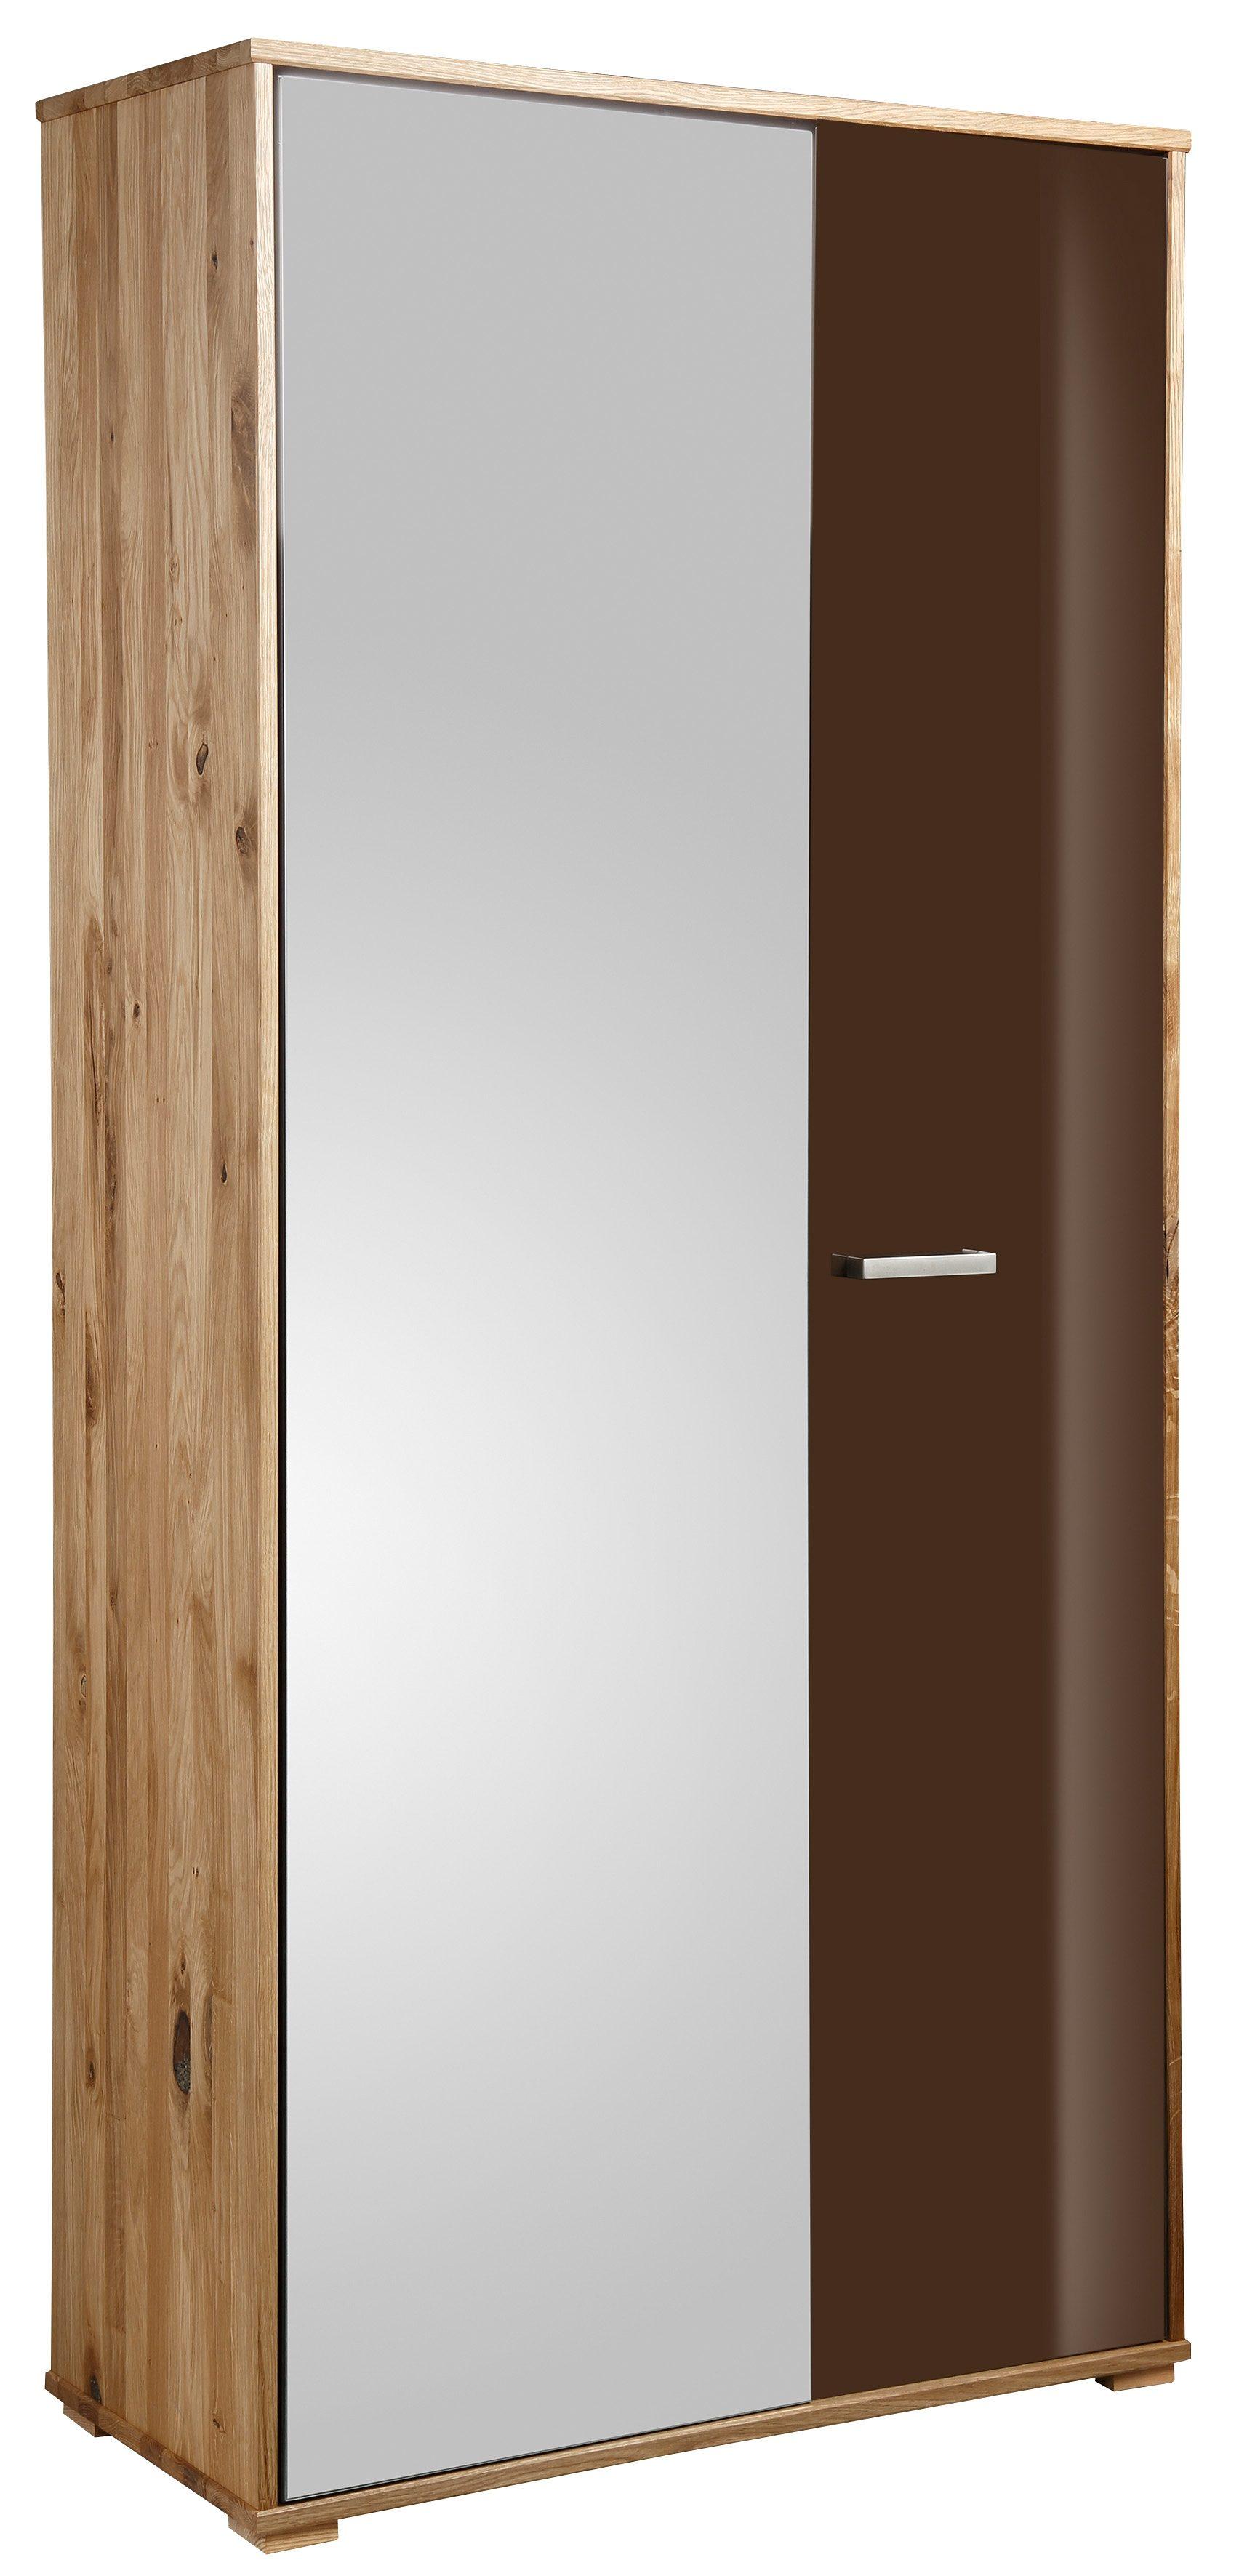 Garderobenschrank »Mara«, mit Spiegel